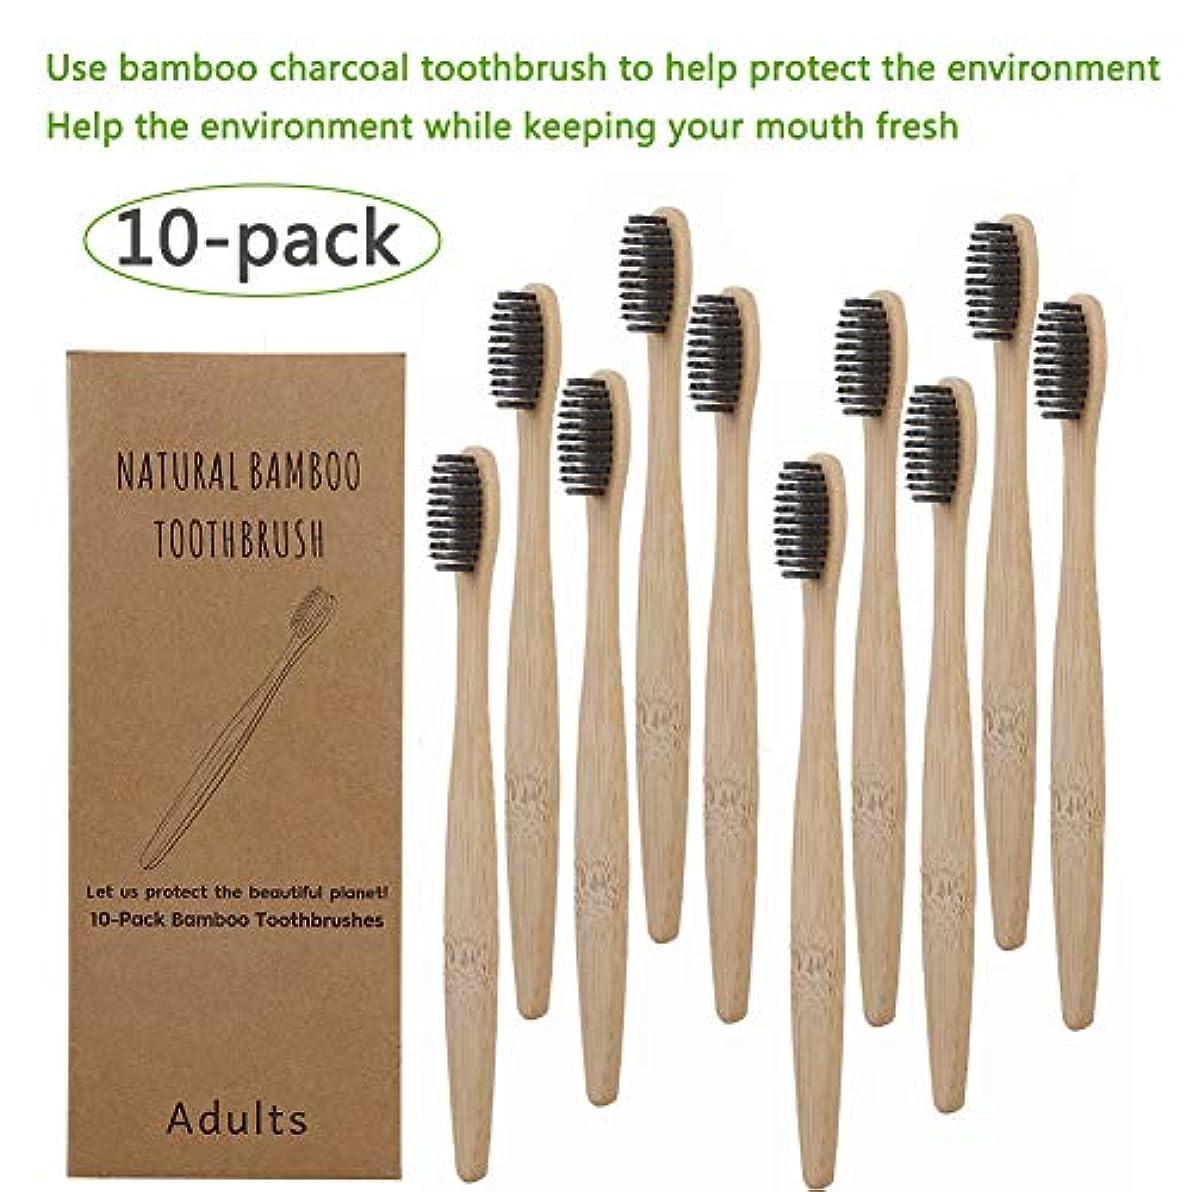 タイヤエスカレートスイス人Doo 10pcs 大人用竹の歯ブラシ 天然竹歯ブラシ 環境保護 柔らかい 歯ブラシ 口腔ケア 竹歯ブラシ 携帯用 旅行用 出張用